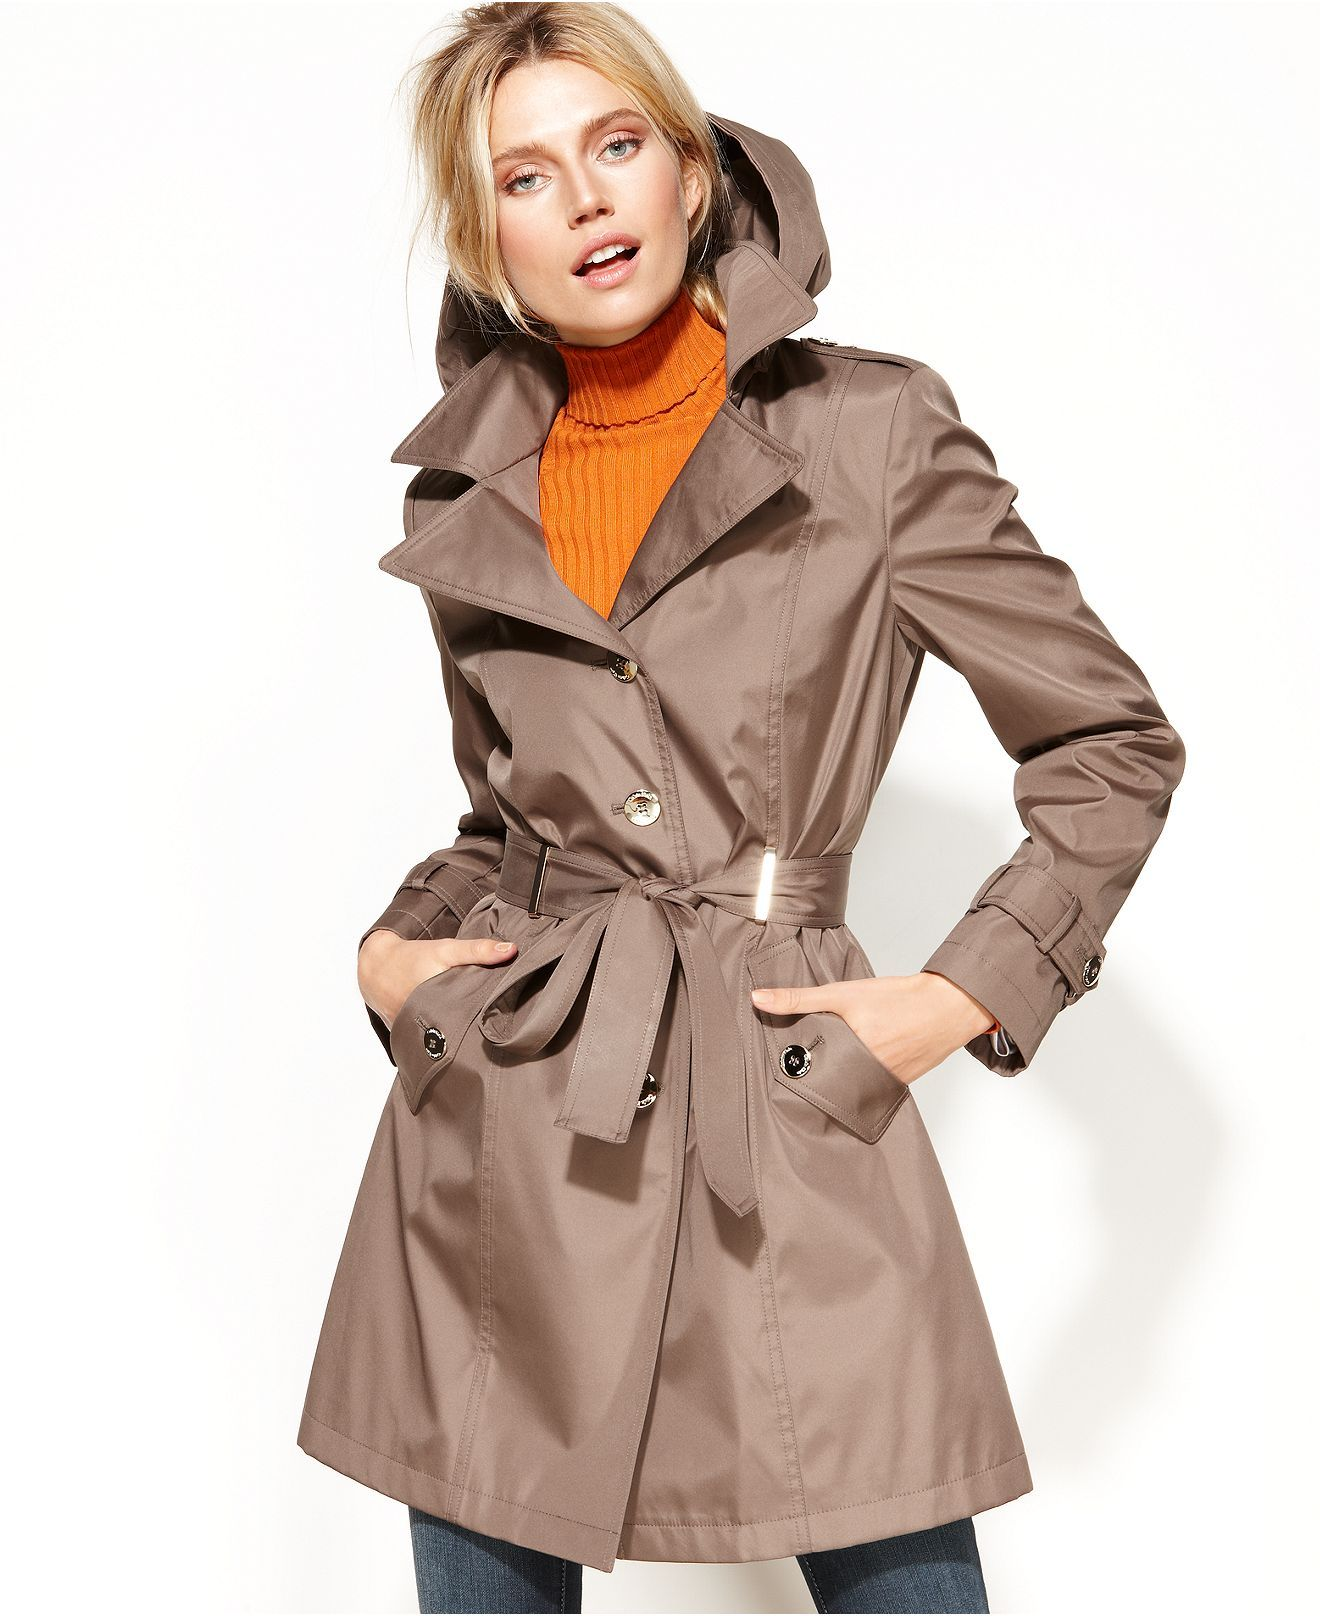 Rain trench coat women